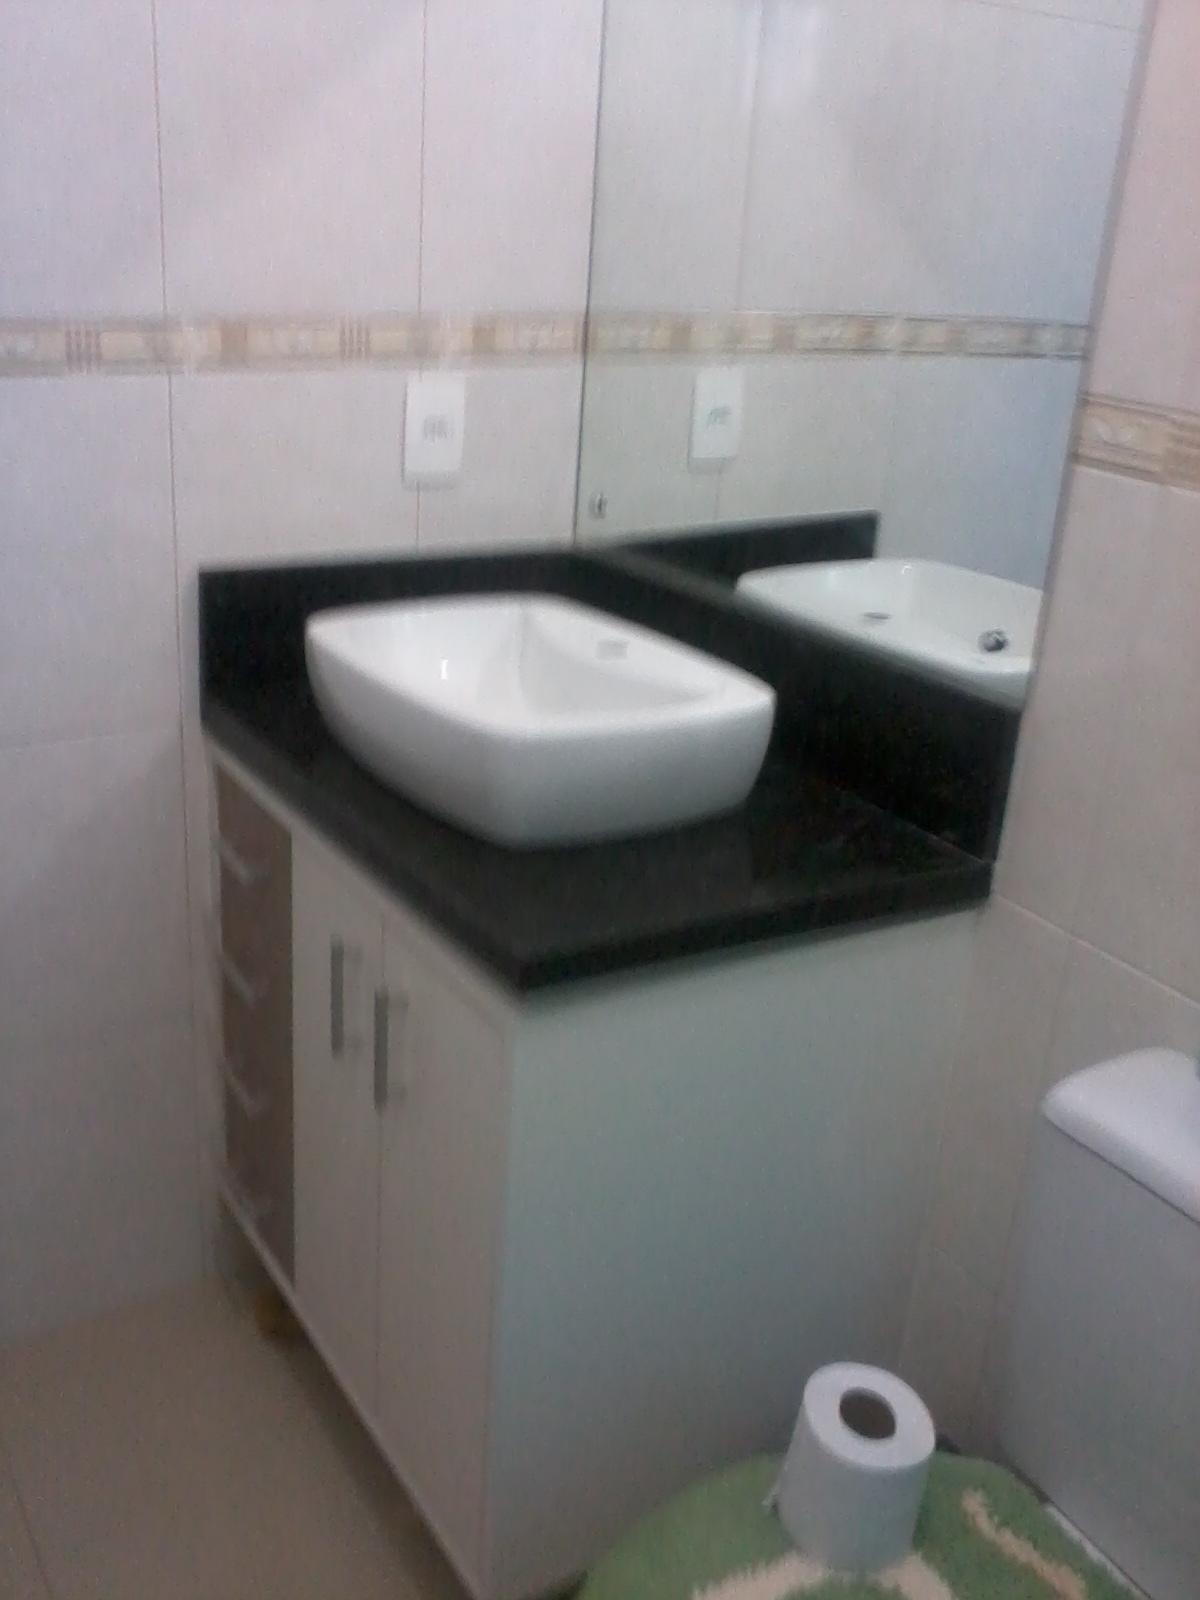 Cubas Para Banheiro De Luxo  gotoworldfrcom decoração de banheiro simples d -> Cuba De Apoio Para Banheiro Eternit Color